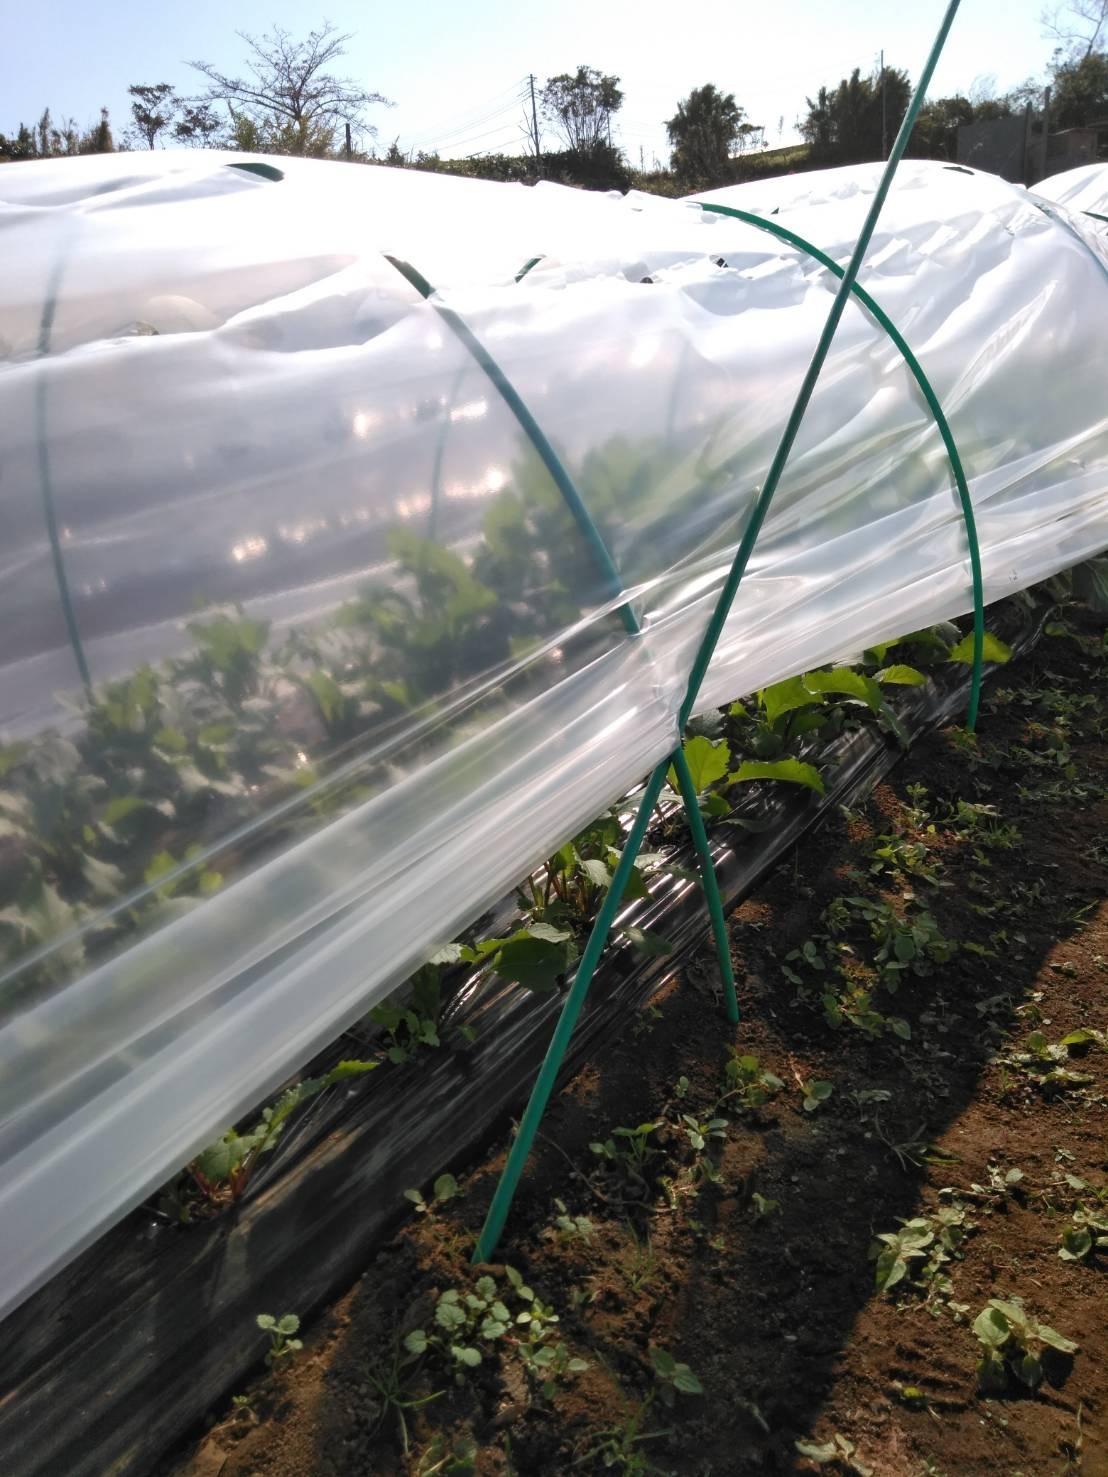 今朝は赤玉葱の定植あとネオアース玉葱2000本定植の畝作りです_c0222448_11595417.jpg